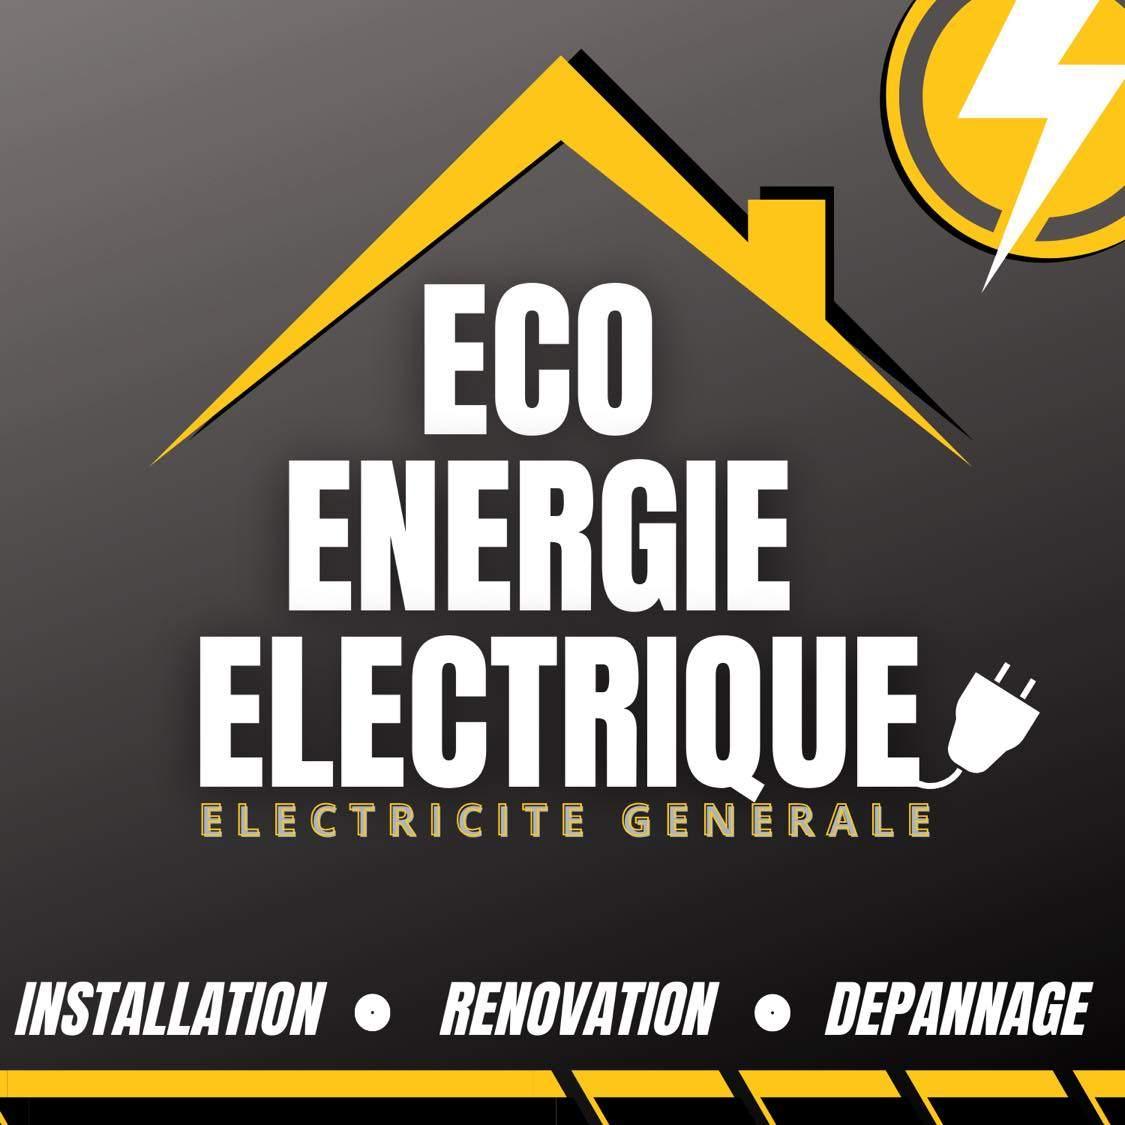 Logo ECO ENERGIE ELECTRIQUE installation de système de chauffage électrique Maine-et-Loire 49